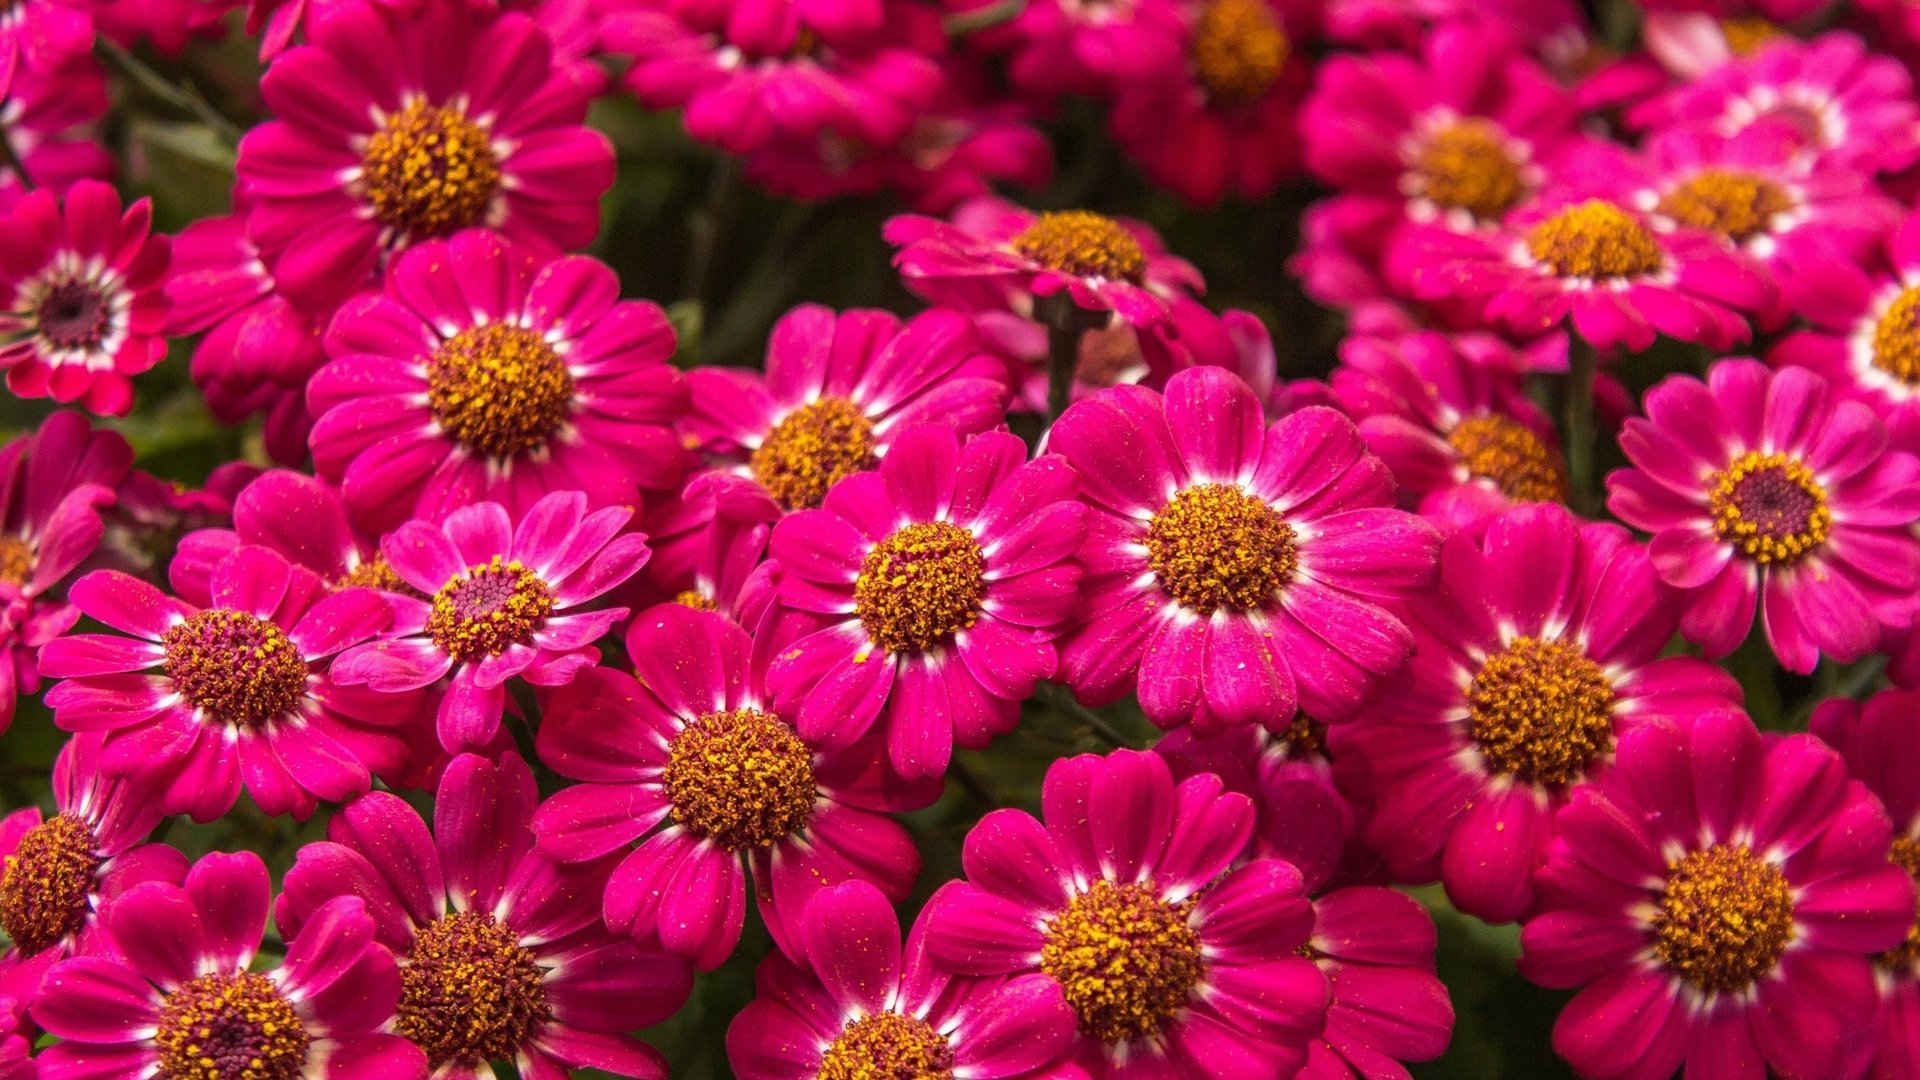 Distribuidor de flores